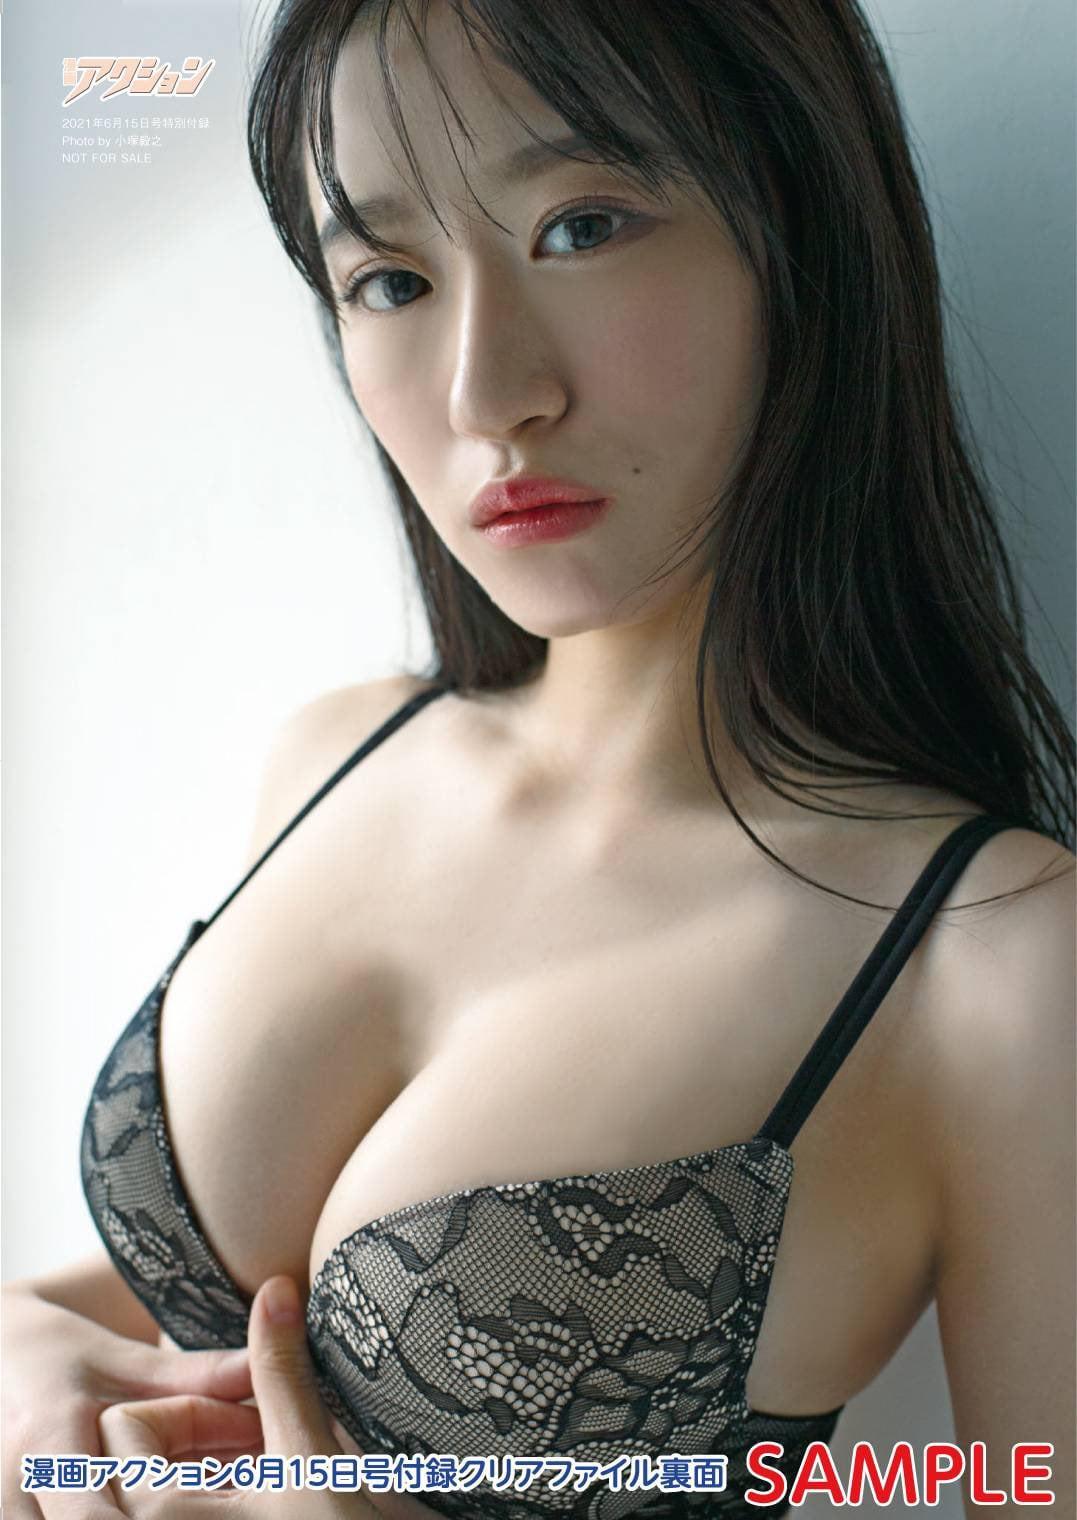 NMB48上西怜「大人れーちゃんにドキっ」『漫画アクション』のグラビアオフショットにファン歓喜【画像4枚】の画像001